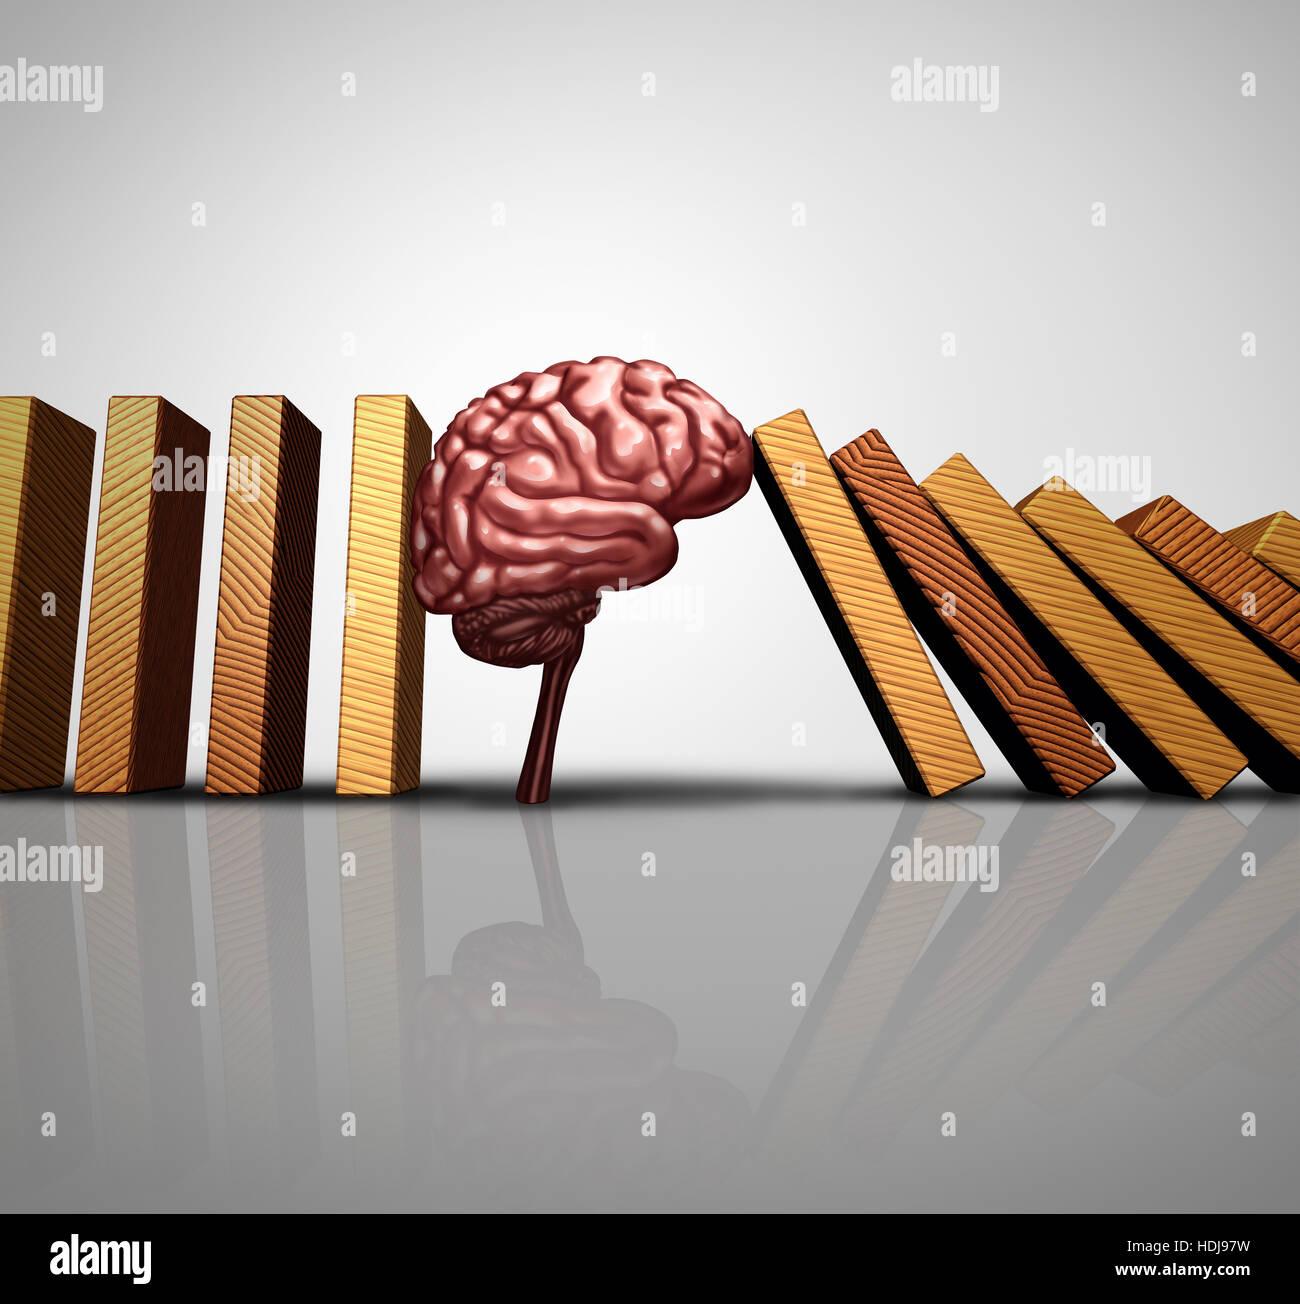 Lösungskonzept und kreative Innovation Idee zu denken, als ein menschliches Gehirn stoppen Herbst Dominosteine Stockbild